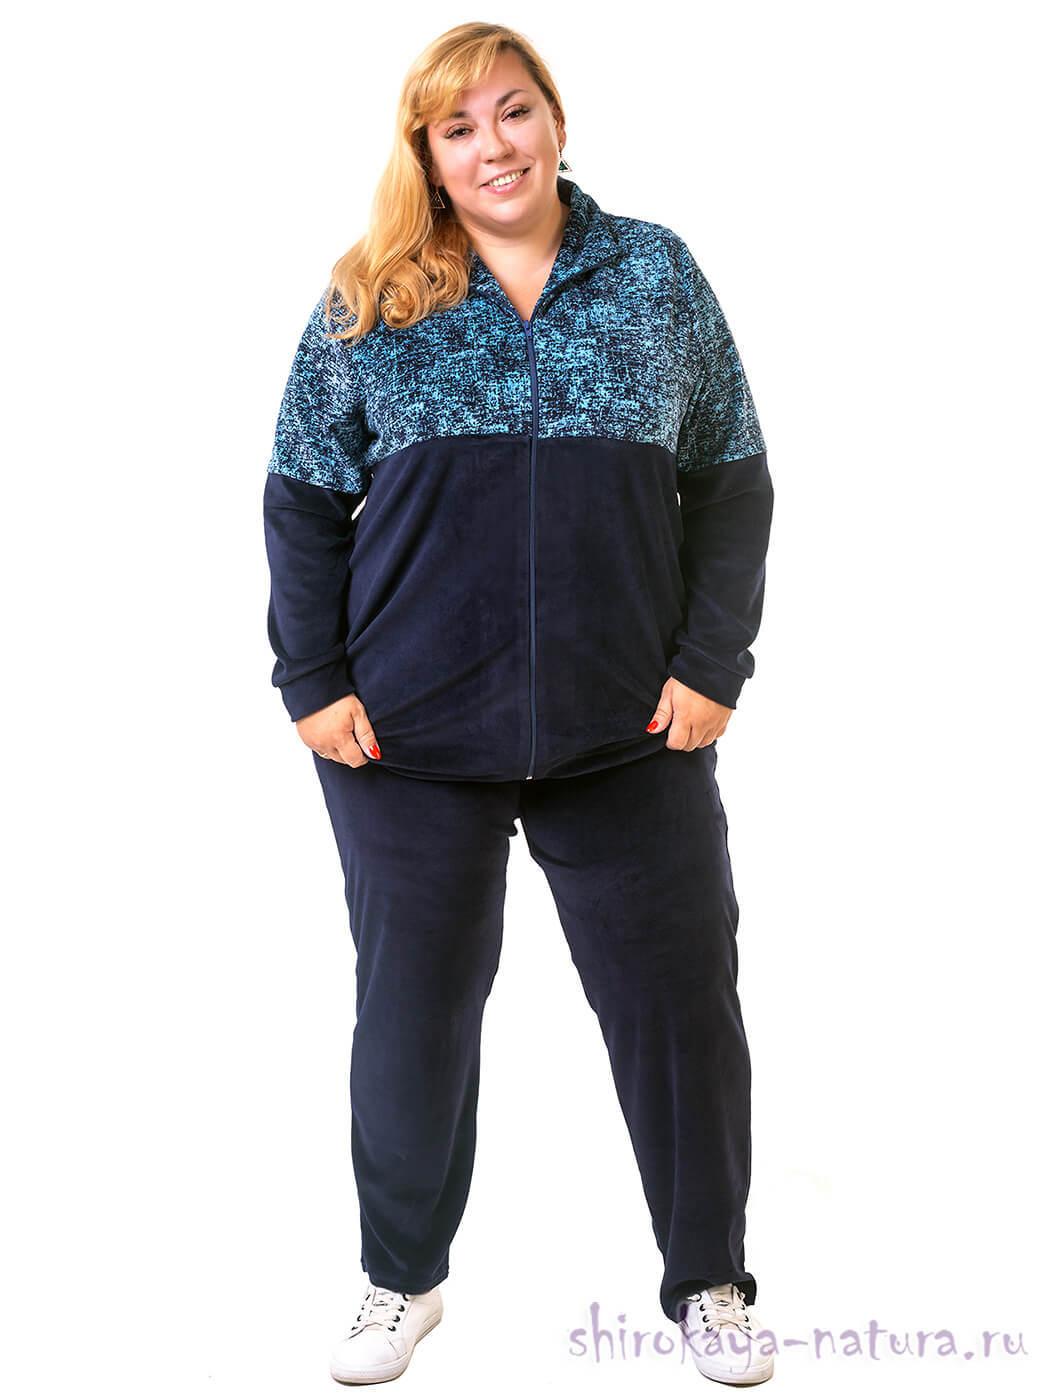 Велюровый женский спортивный костюм очень большой размер